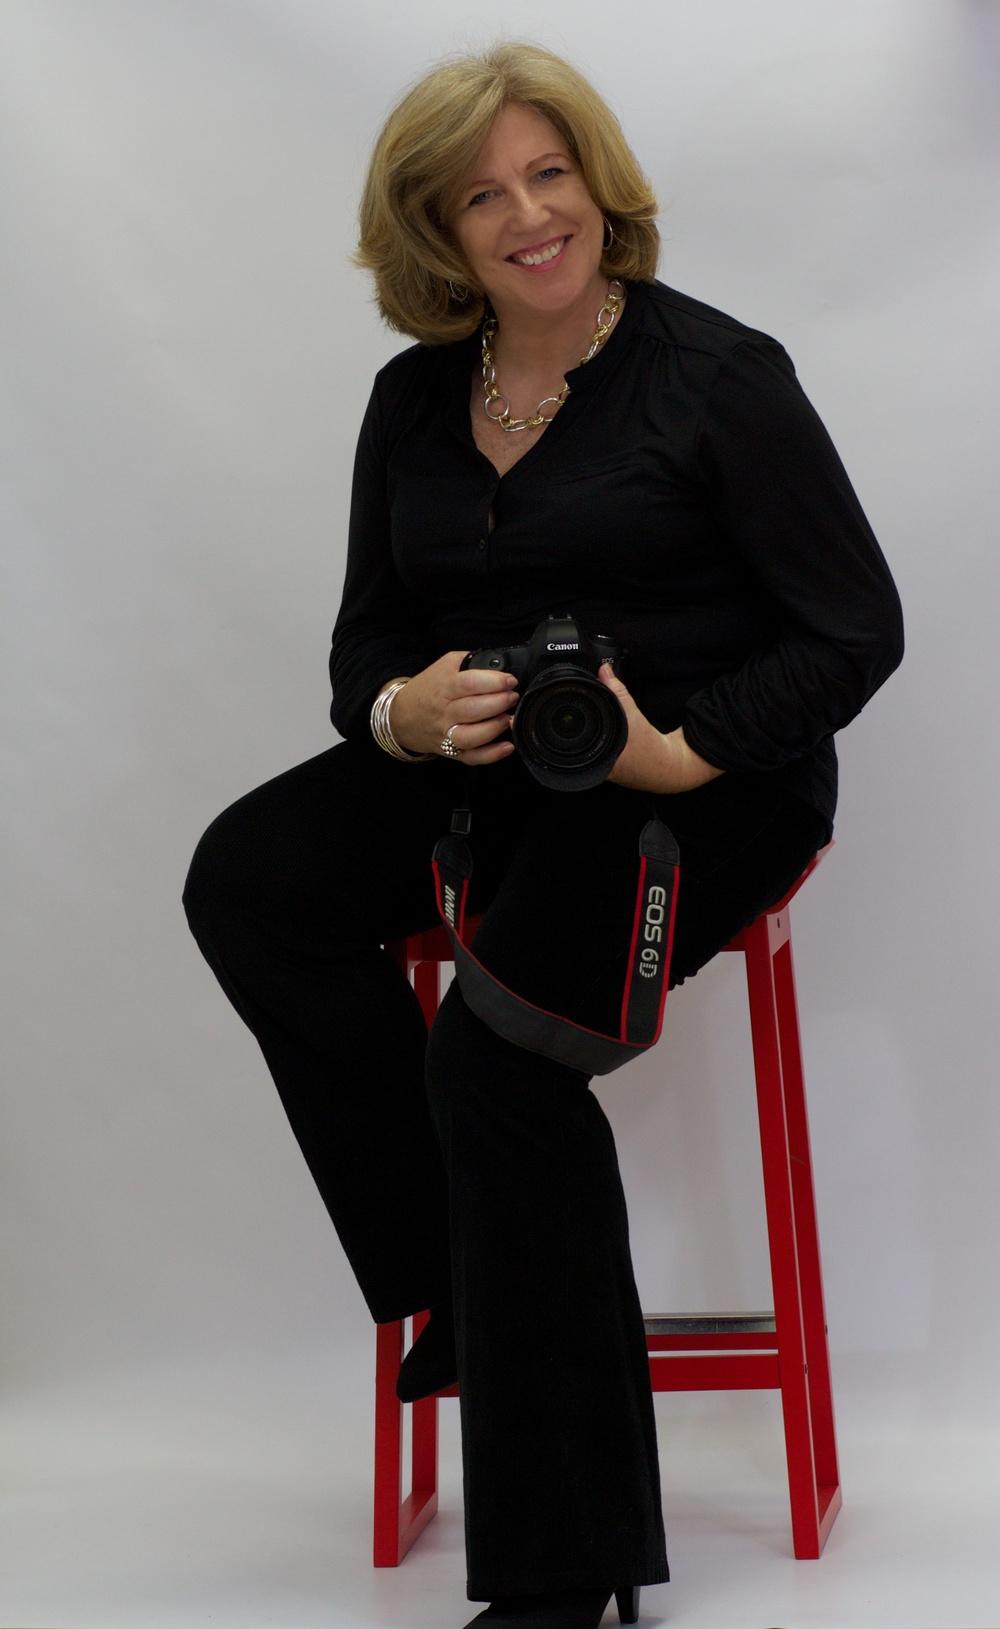 Lesley Shone